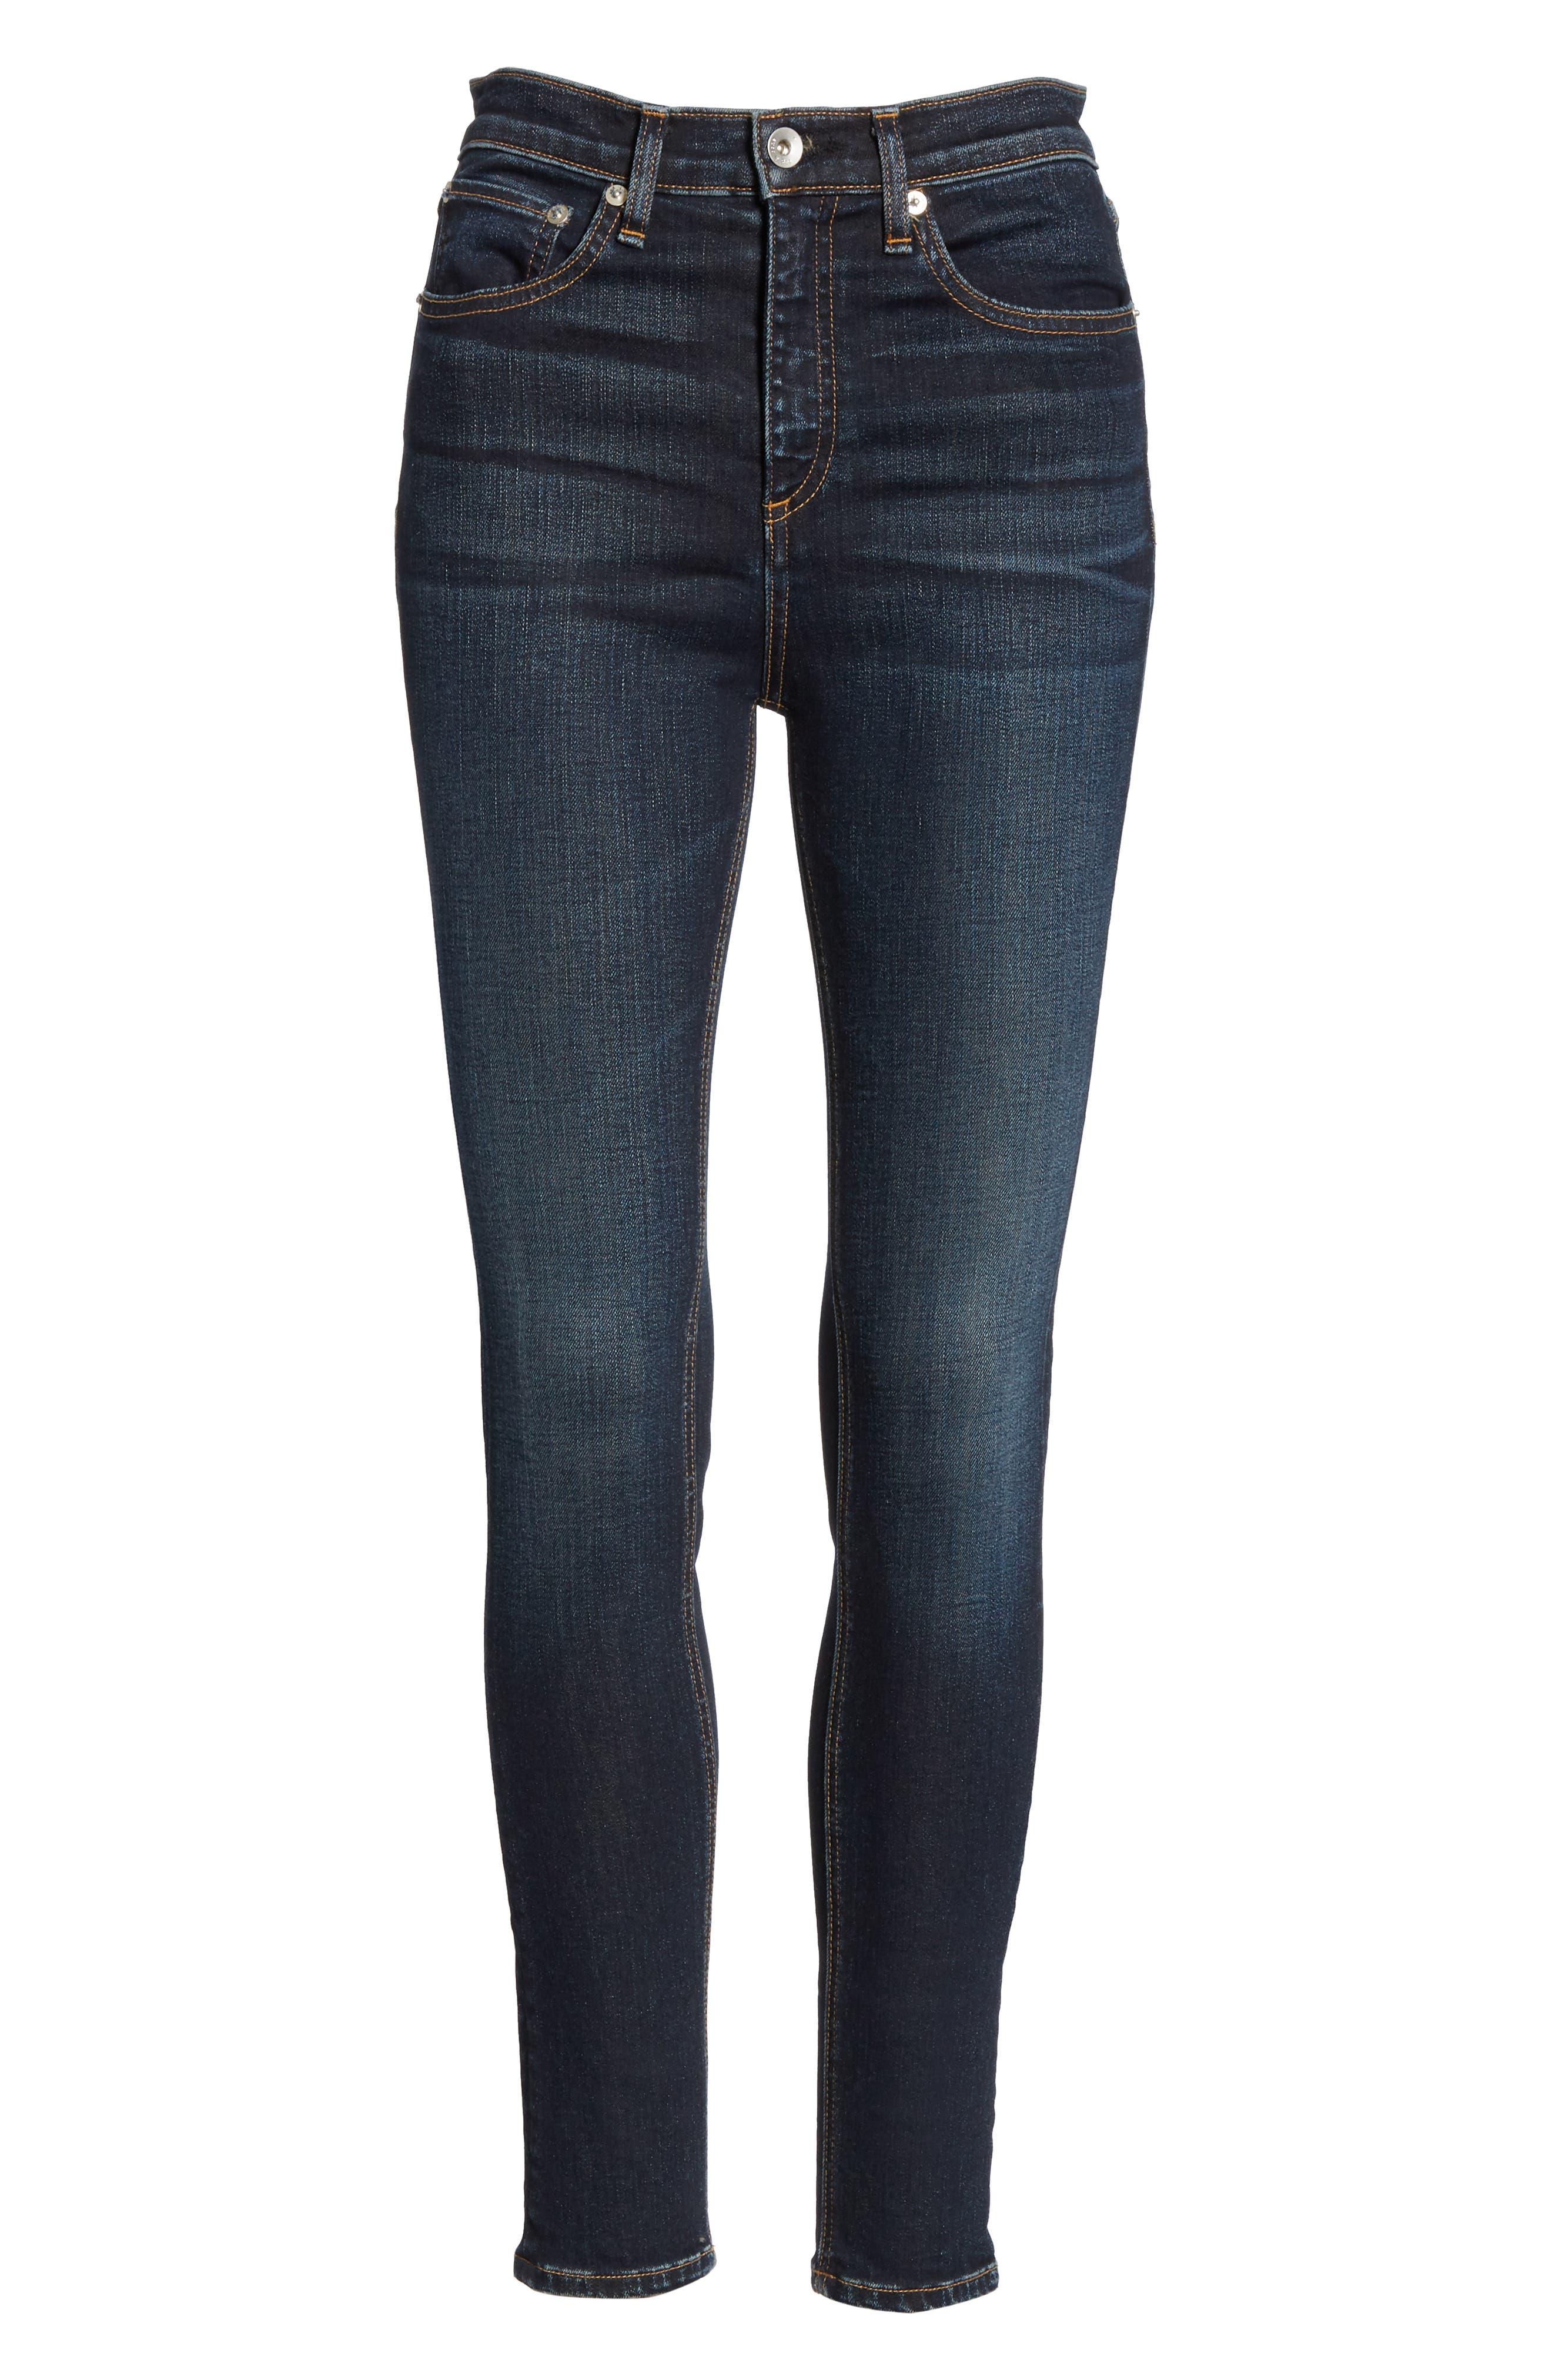 RAG & BONE, High Waist Ankle Skinny Jeans, Alternate thumbnail 7, color, 420